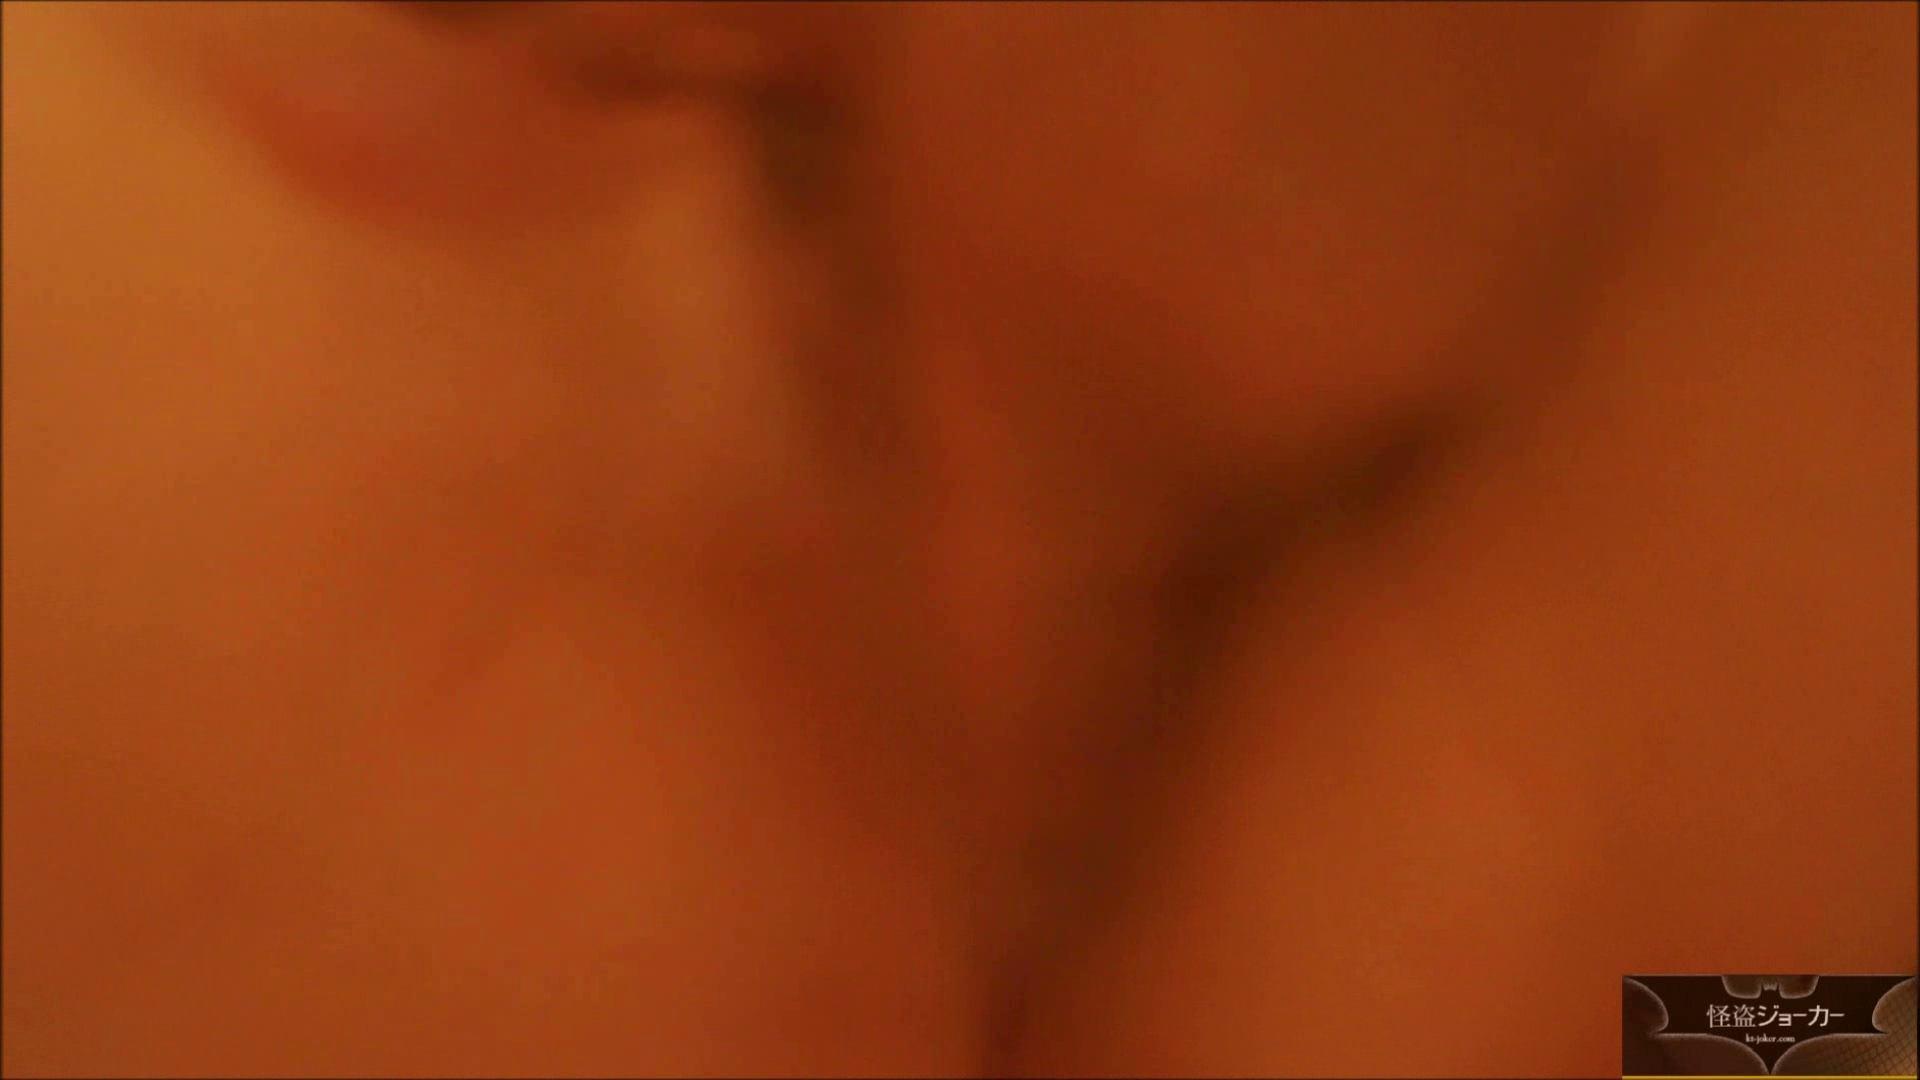 【未公開】vol.36 【援助】鏡越しの朋葉を見ながら・・・ エッチすぎるOL達  51連発 48